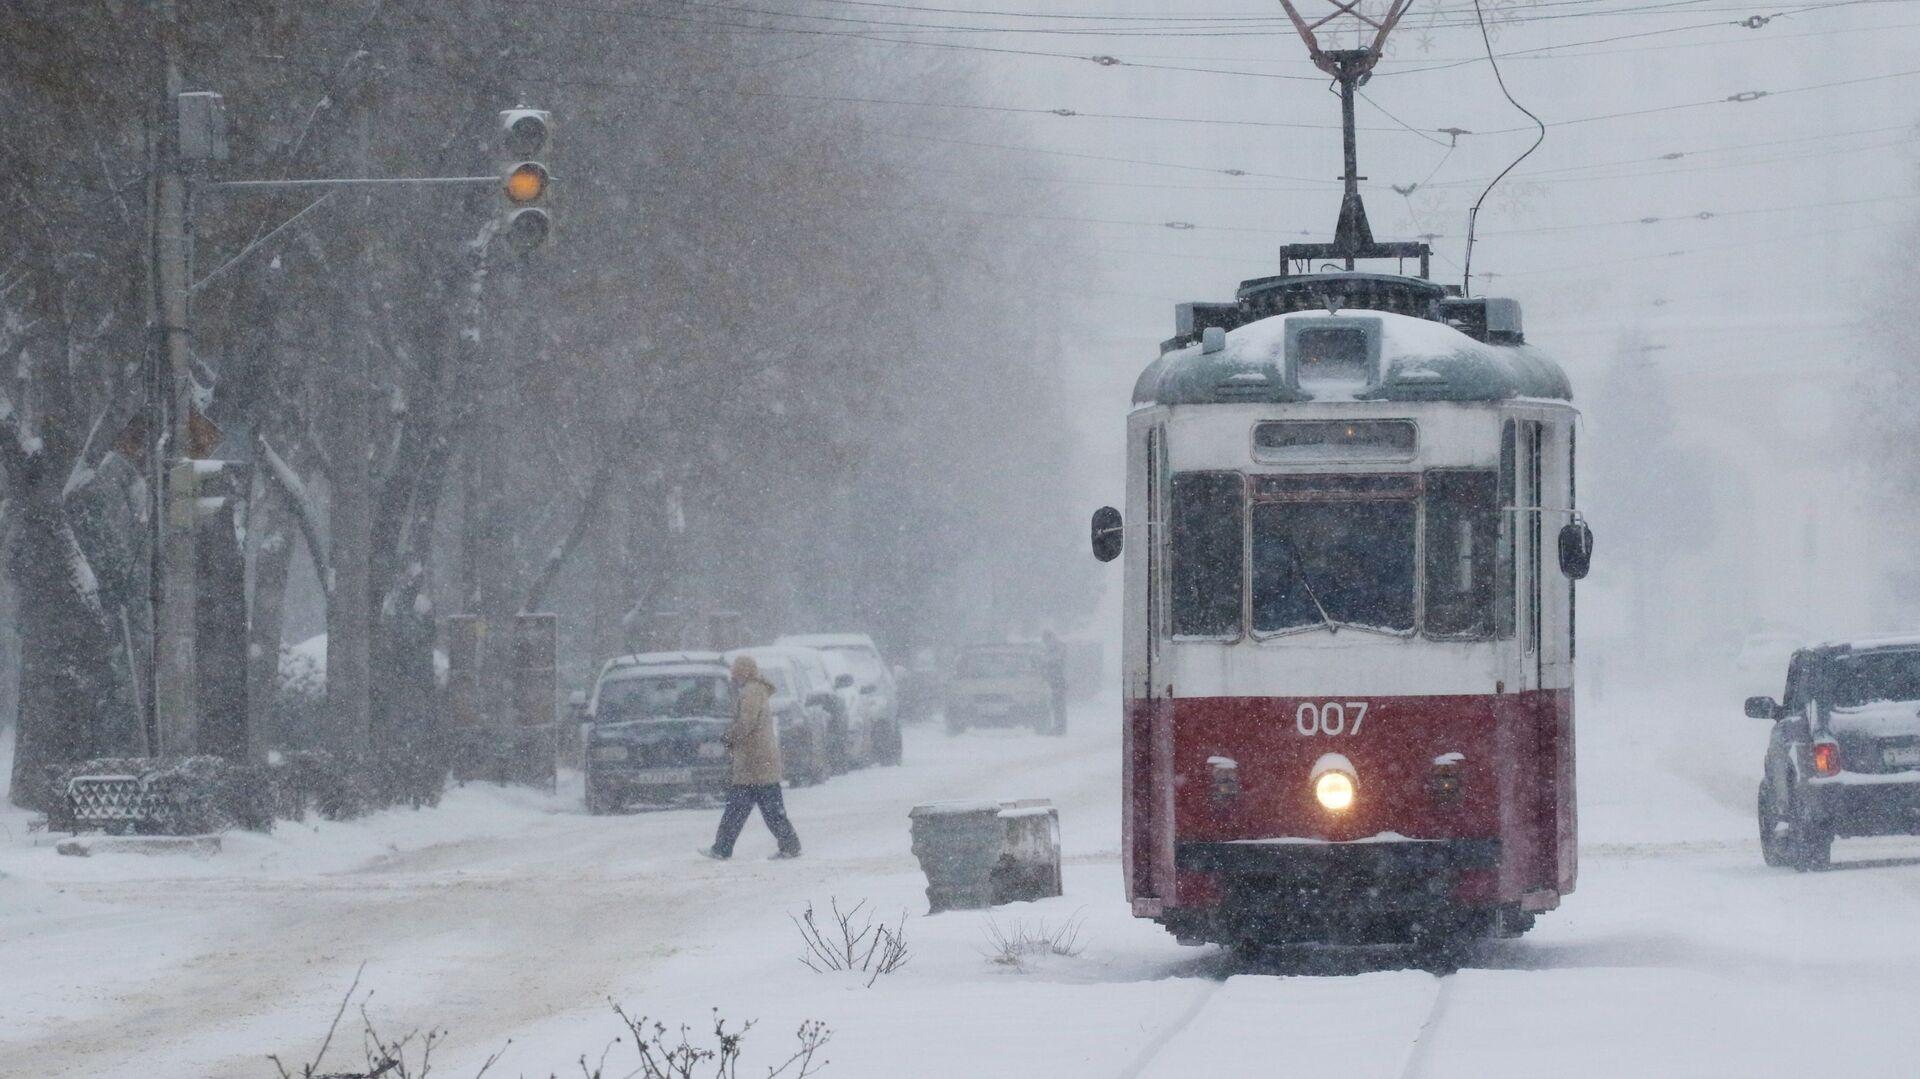 Снег в Крыму - РИА Новости, 1920, 09.01.2019